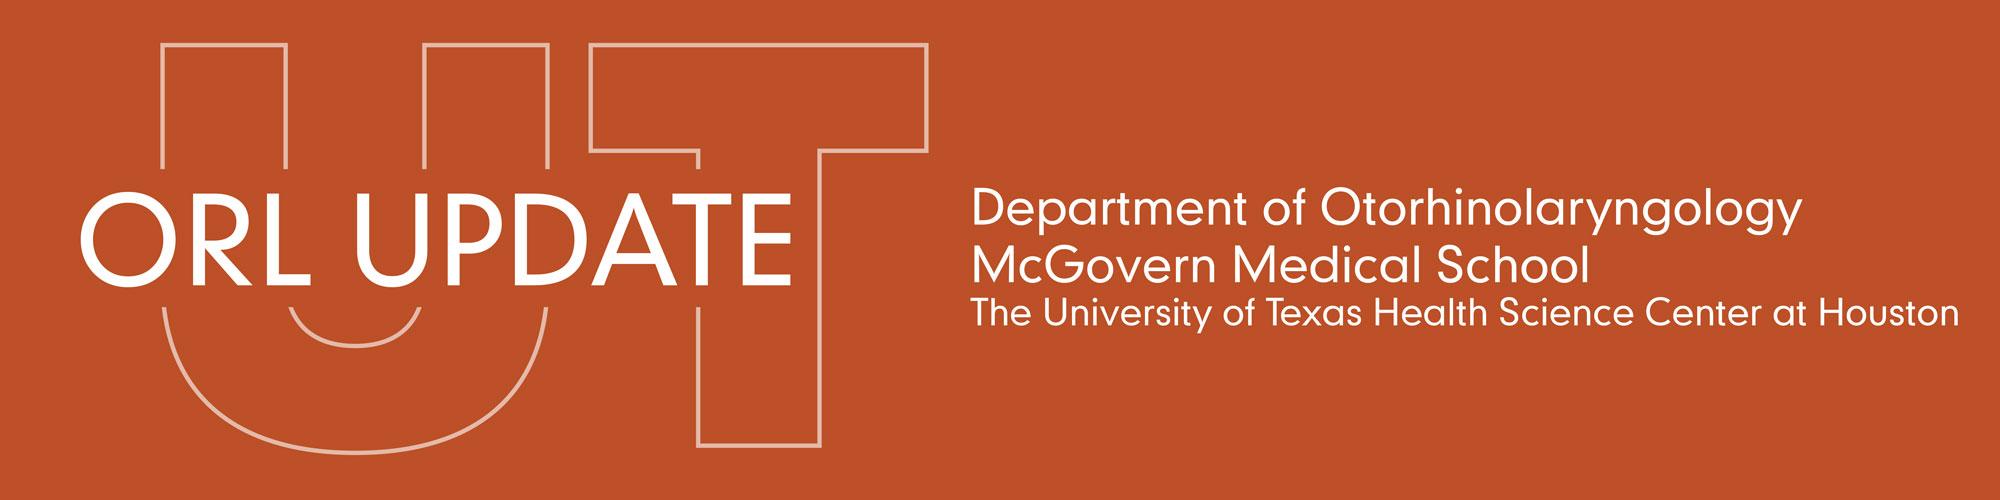 UT-ORL-Update-logo-banner